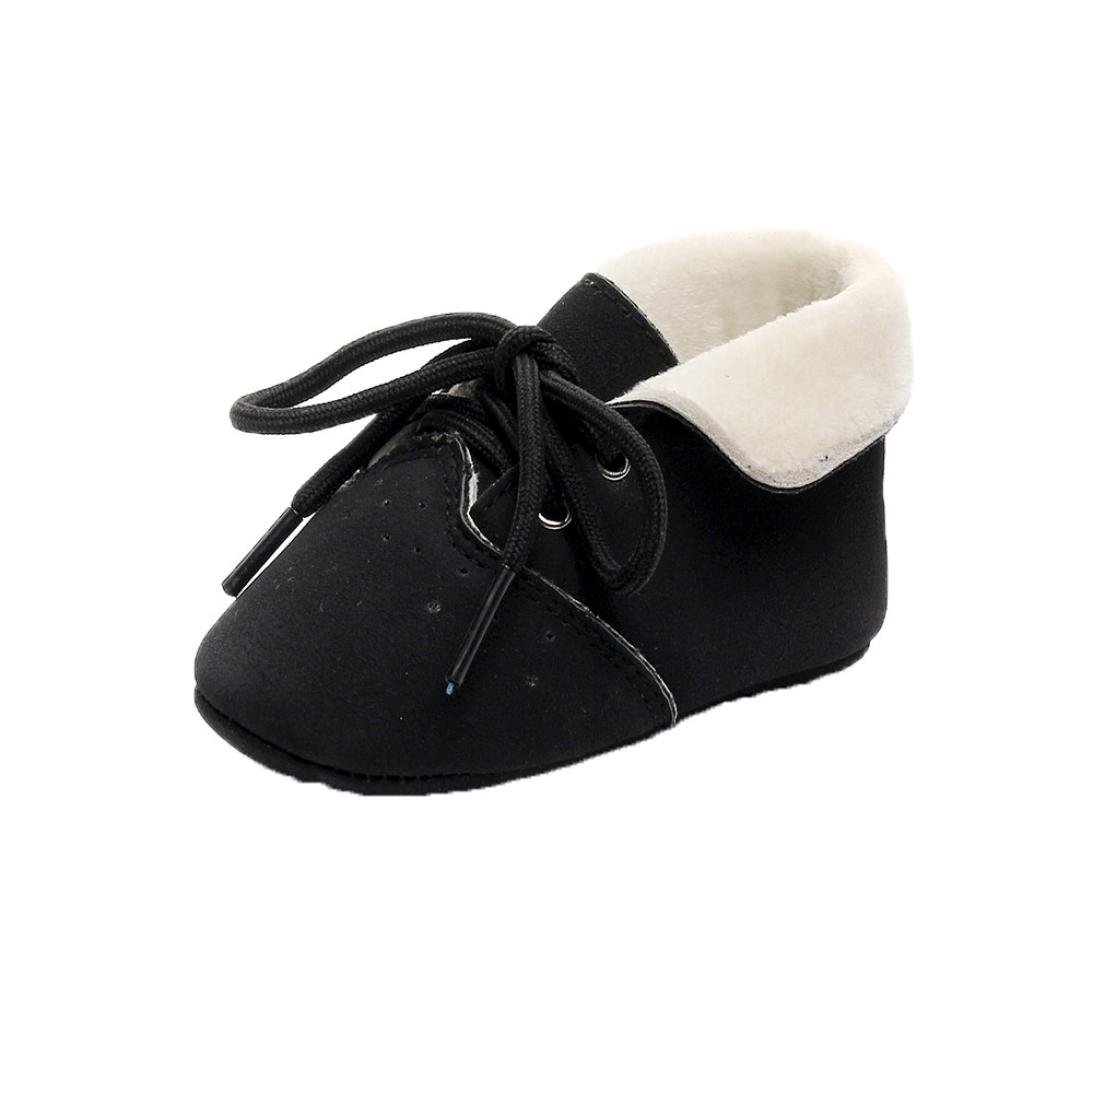 Primeros pasos para bebé, Amlaiworld Zapatos de bebé niñas niños zapatos de invierno de otoño zapatillas deportivas 0-18 Mes